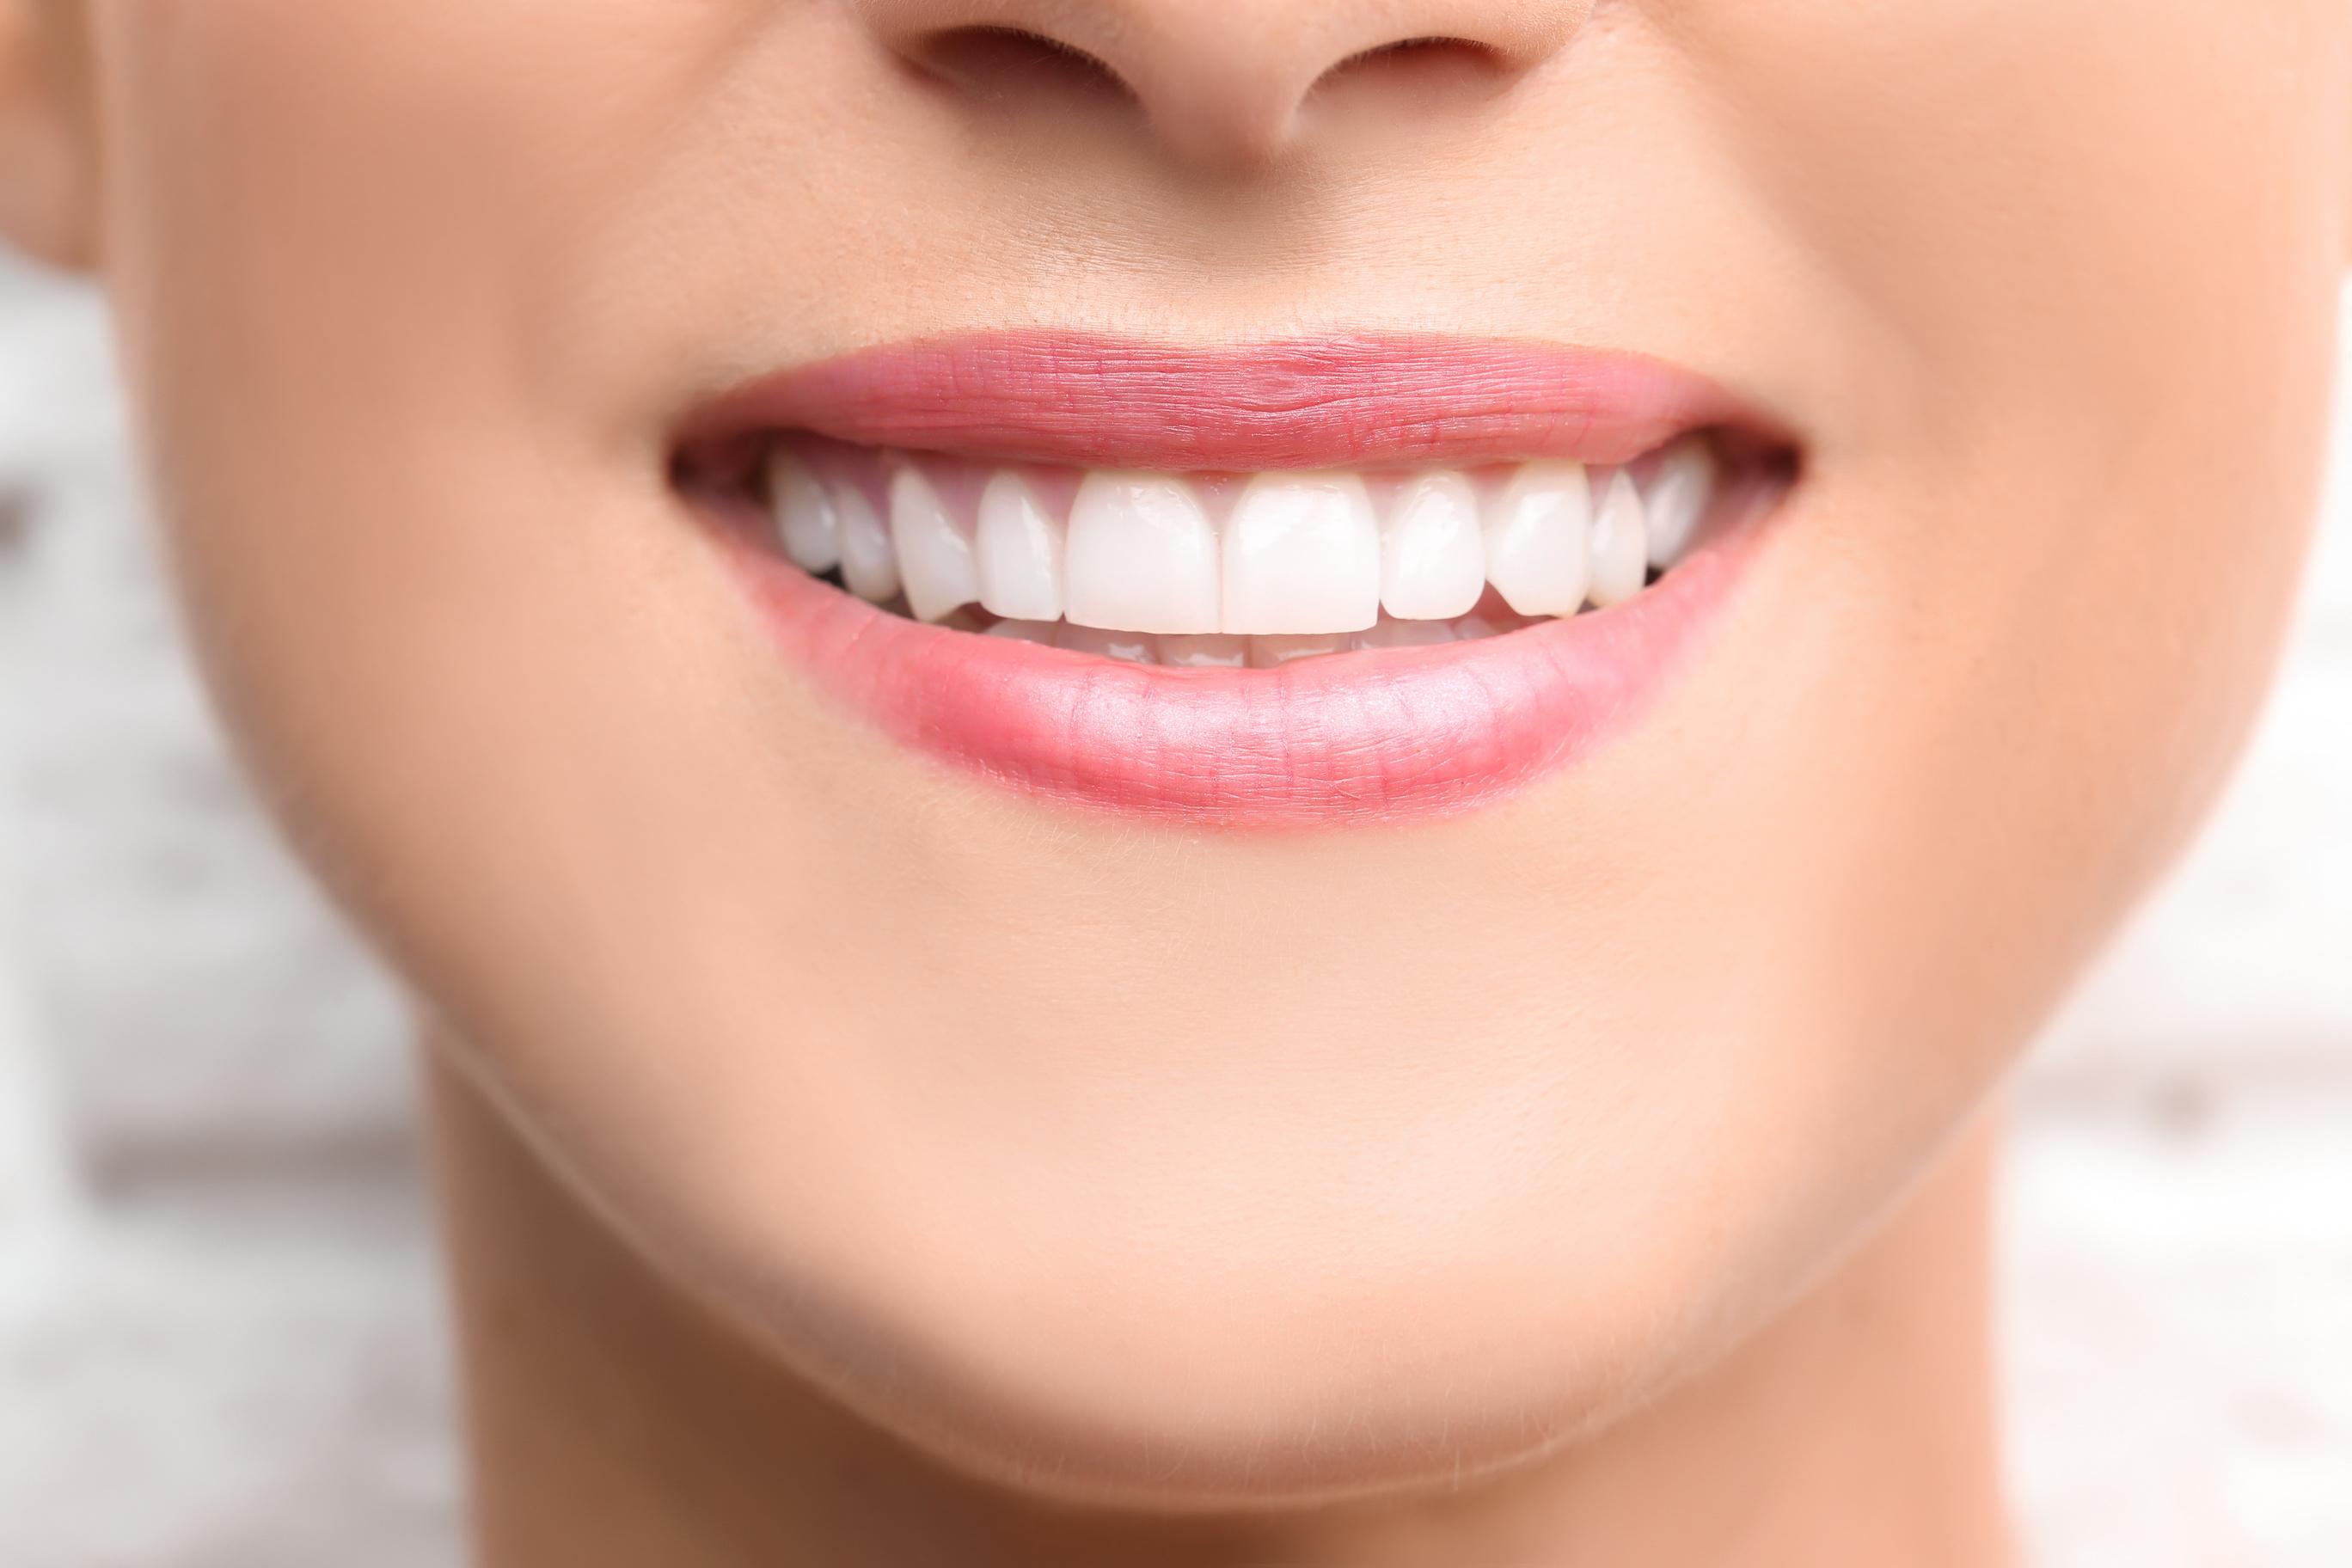 Dental Bonding at Olentangy Modern Dental